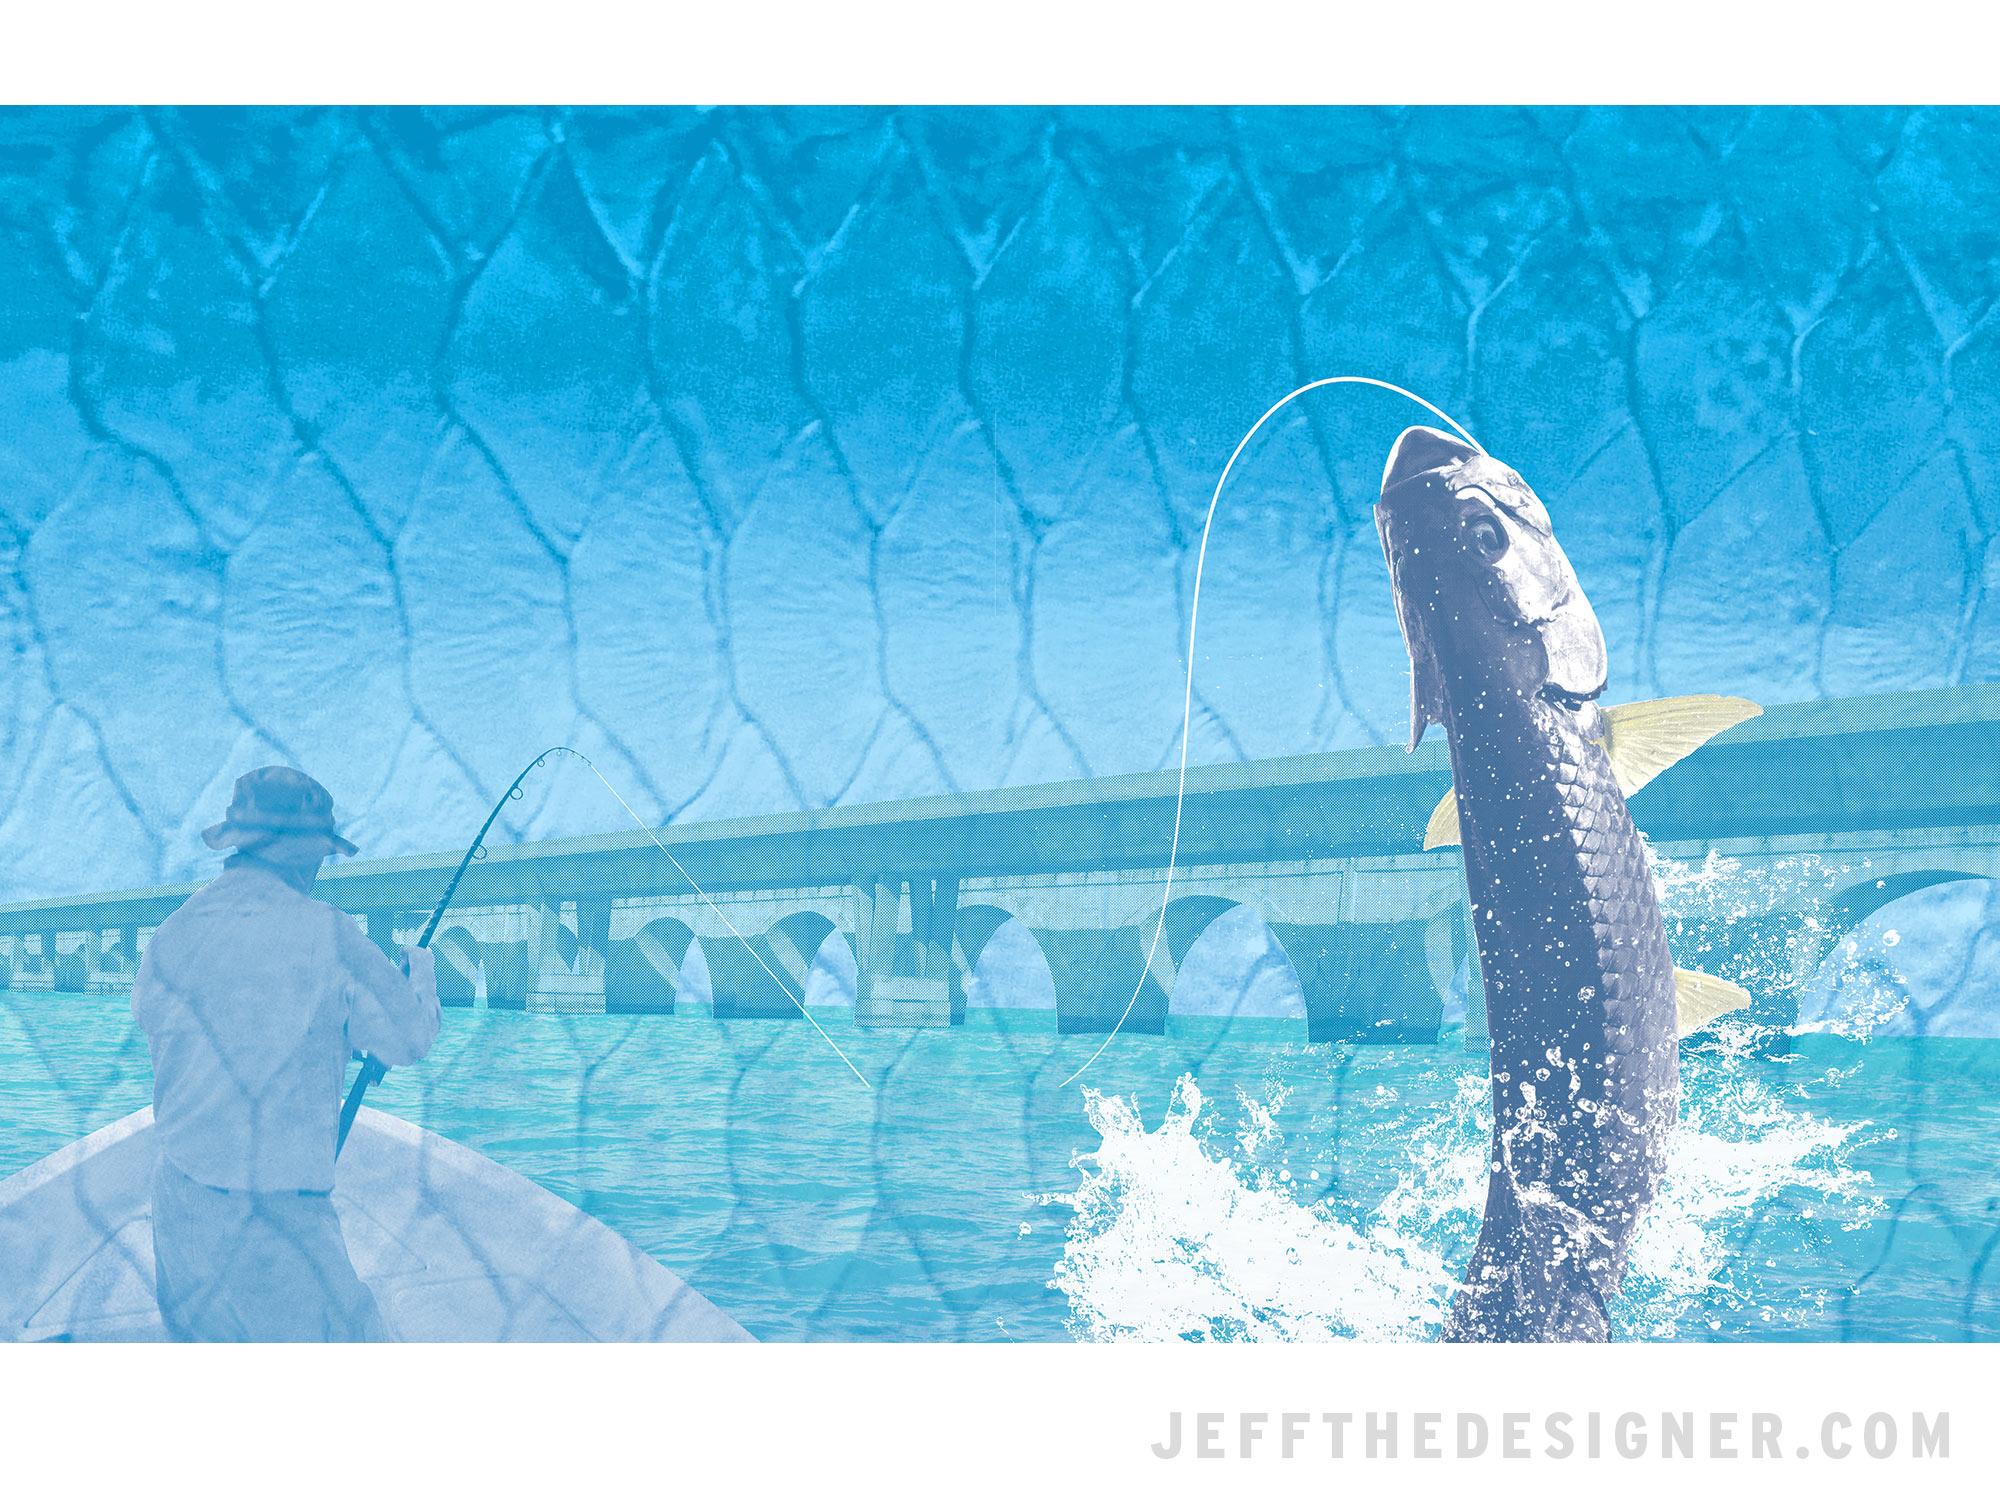 Florida Keys Long Key Bridge Tarpon Fishing Illustration